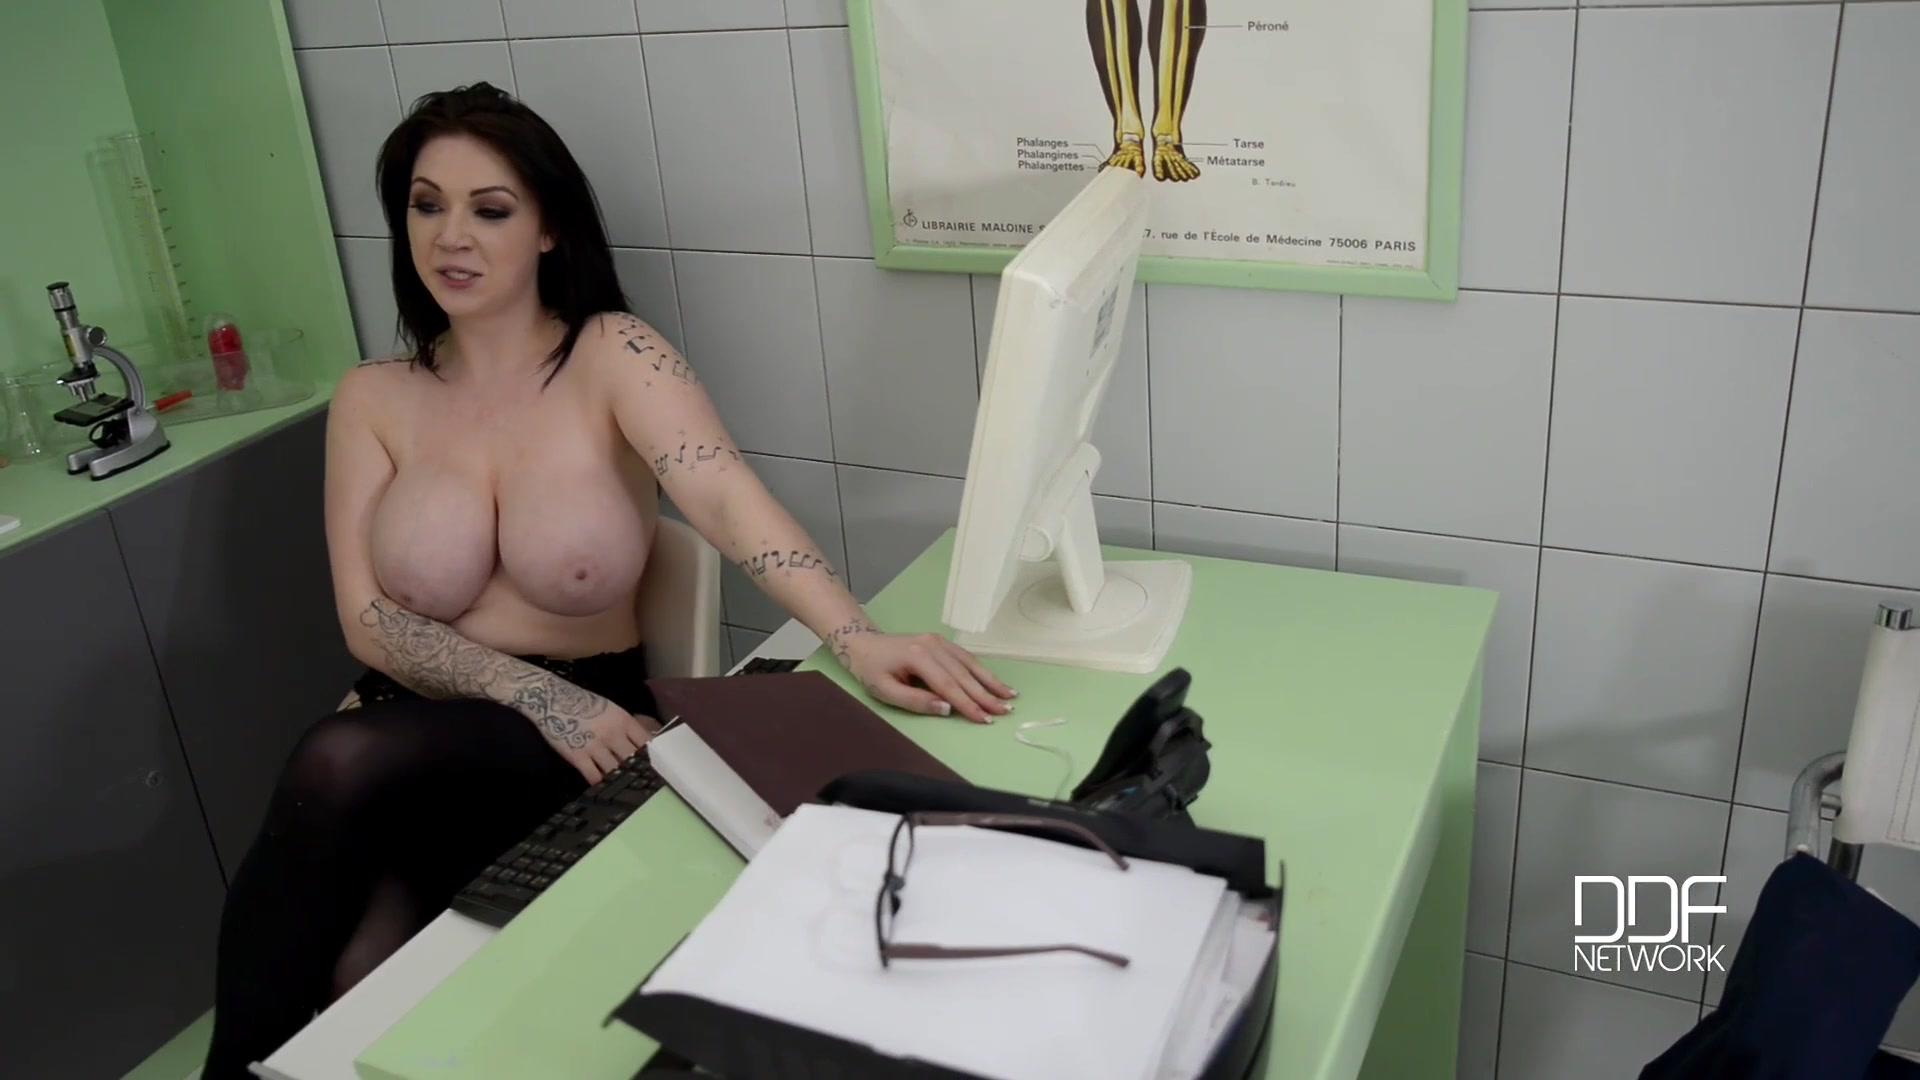 Немецкая докторша на приеме в своем кабинете ебется с пациентом